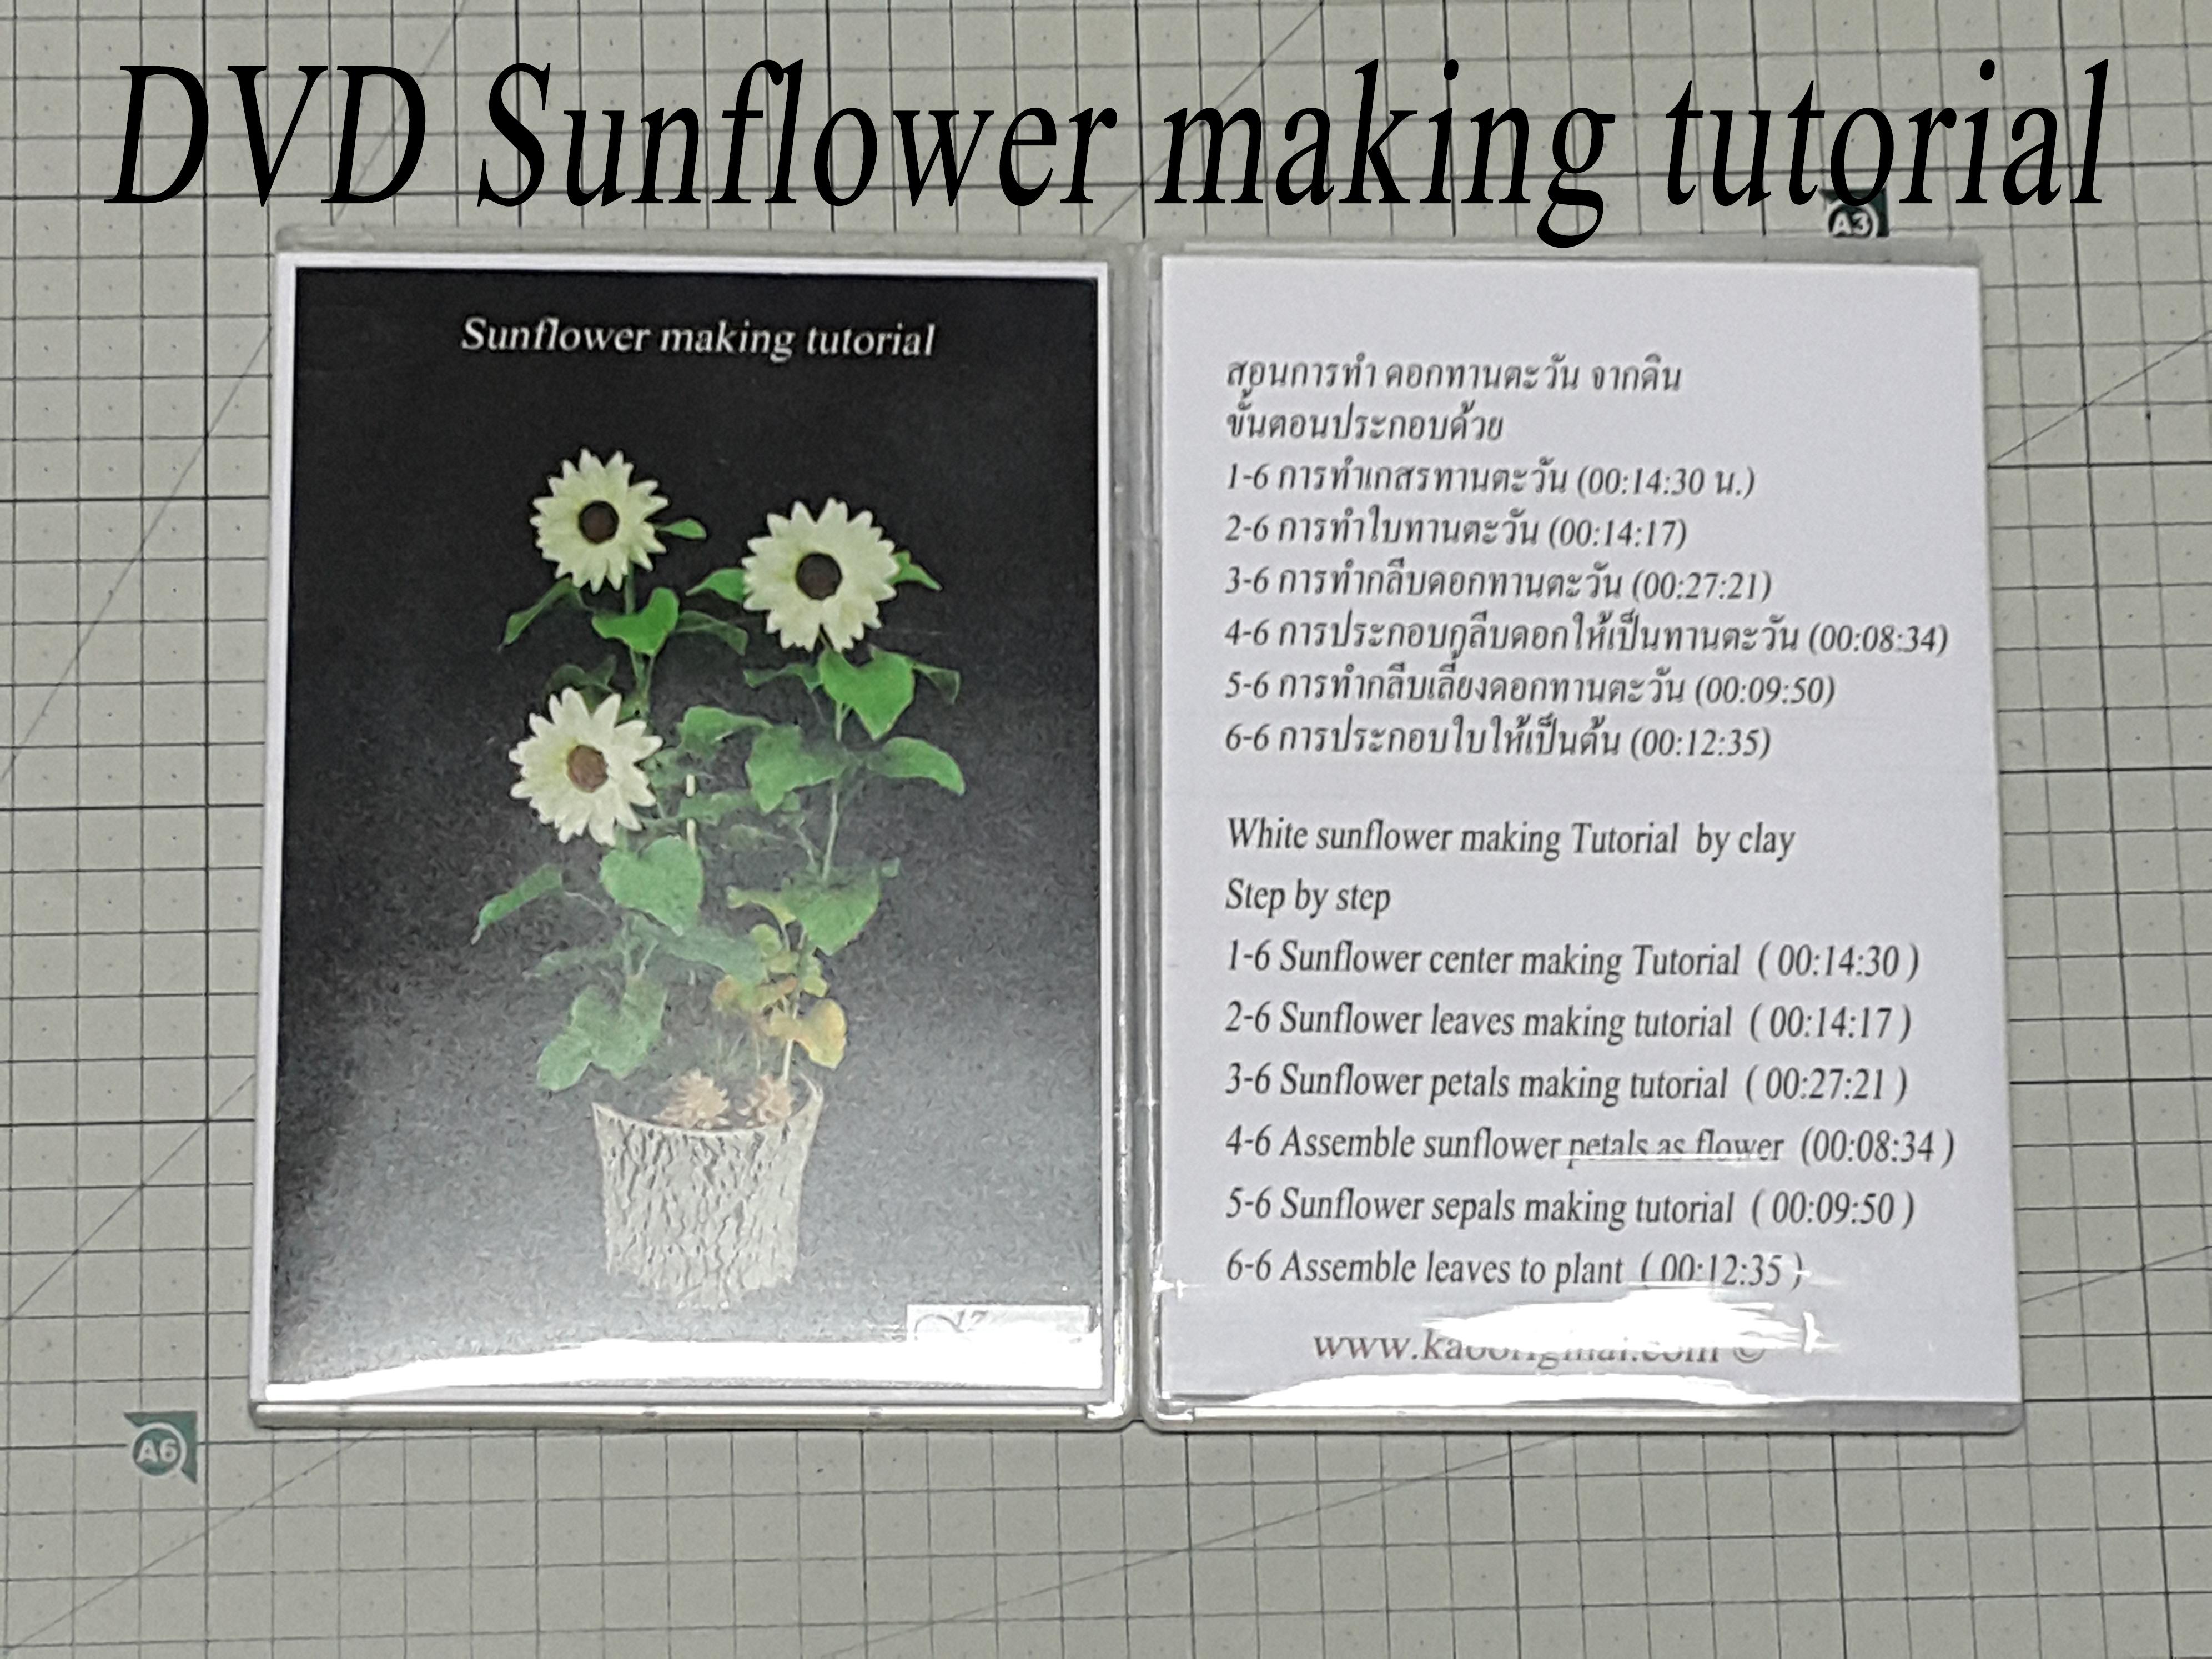 White sunflower making Tutorial - DVD